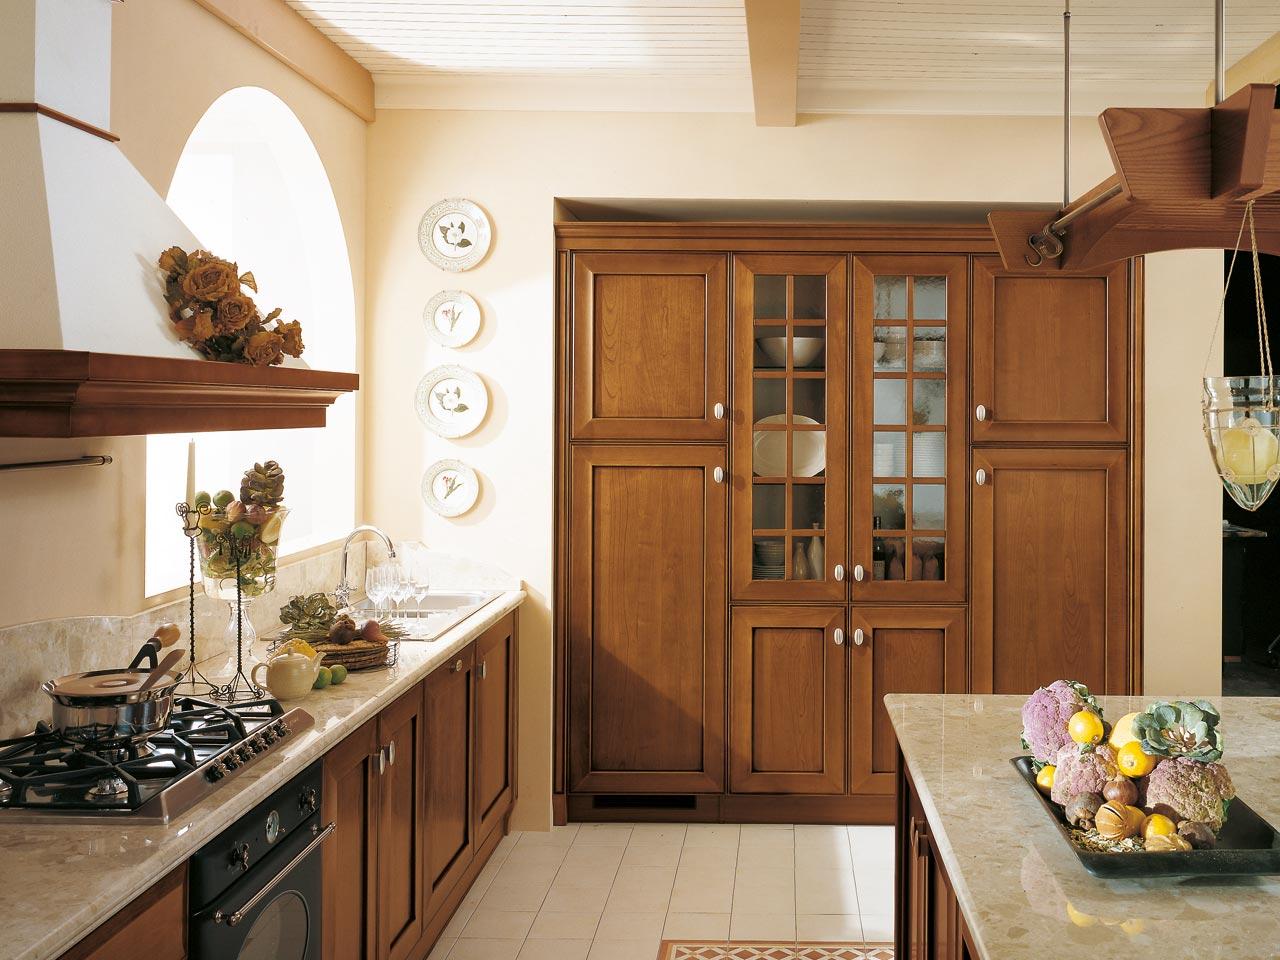 Cucina Lube Creativa Prezzo - Idee per la progettazione di ...